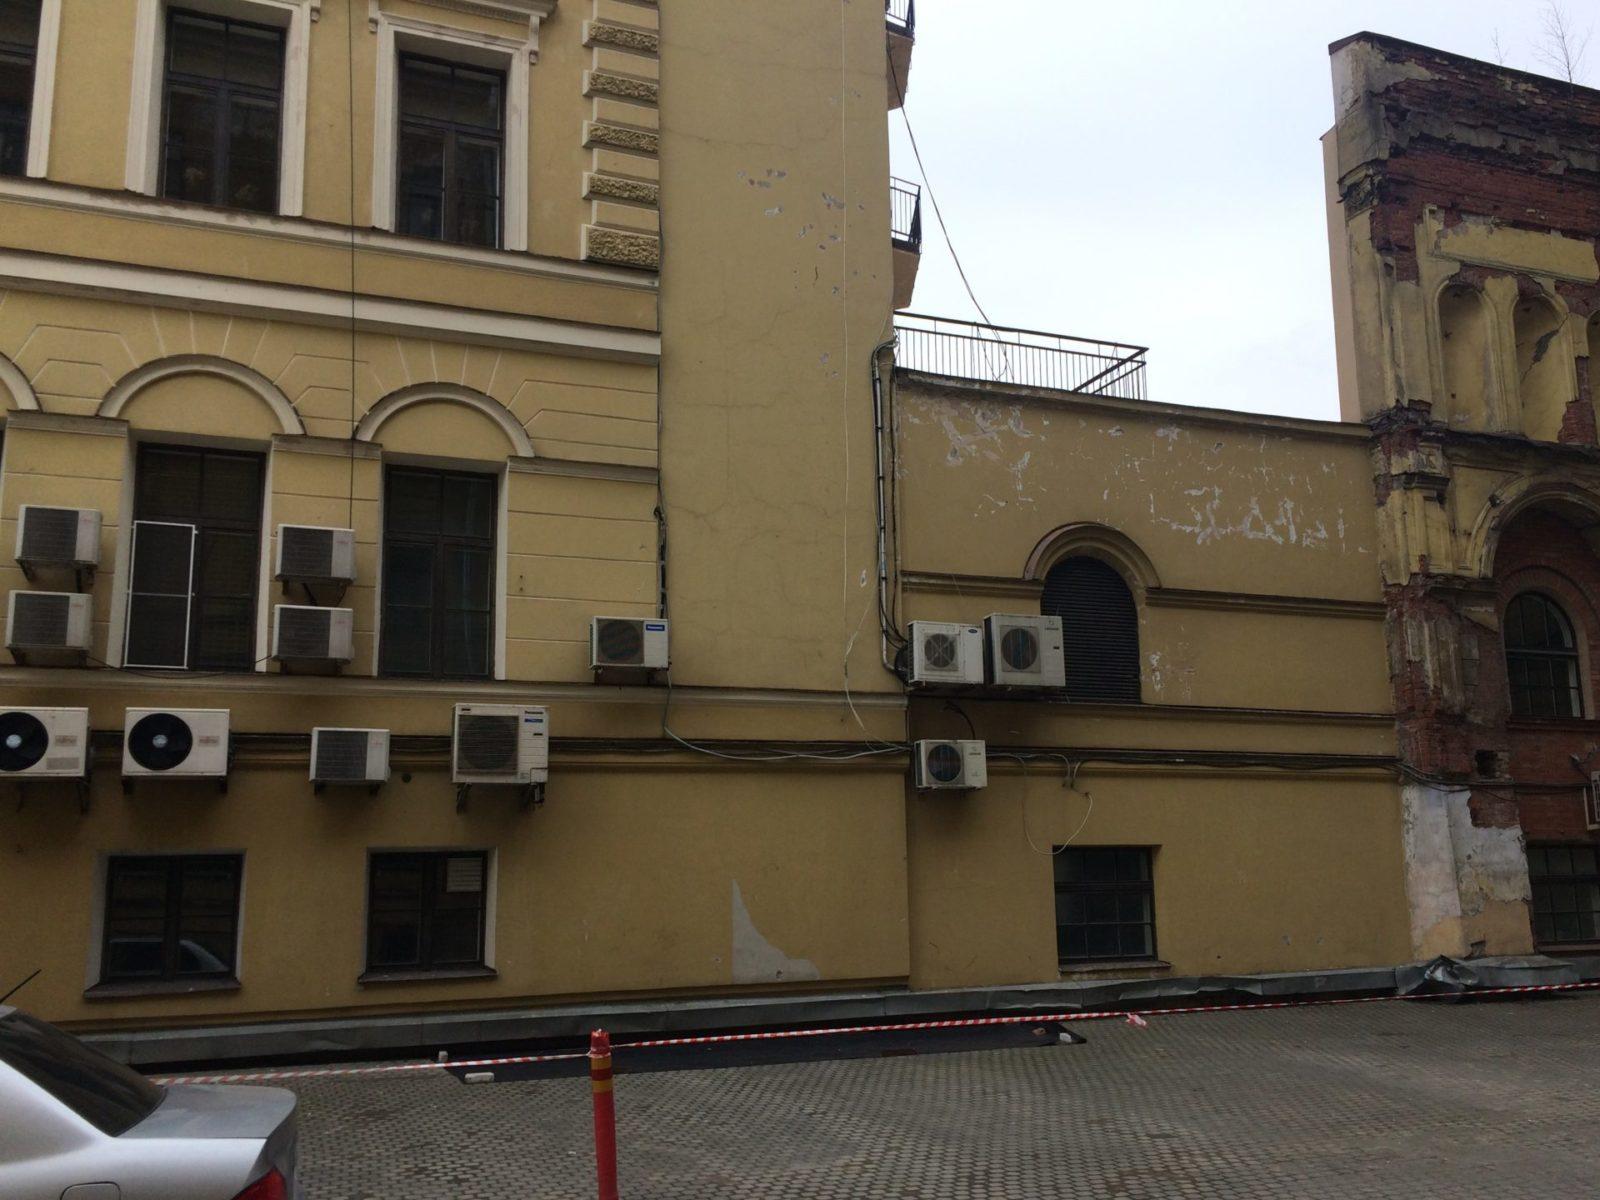 Фасадные работы здания Консульство Нидерландов, Набережная реки Мойки д.11 в Петербурге